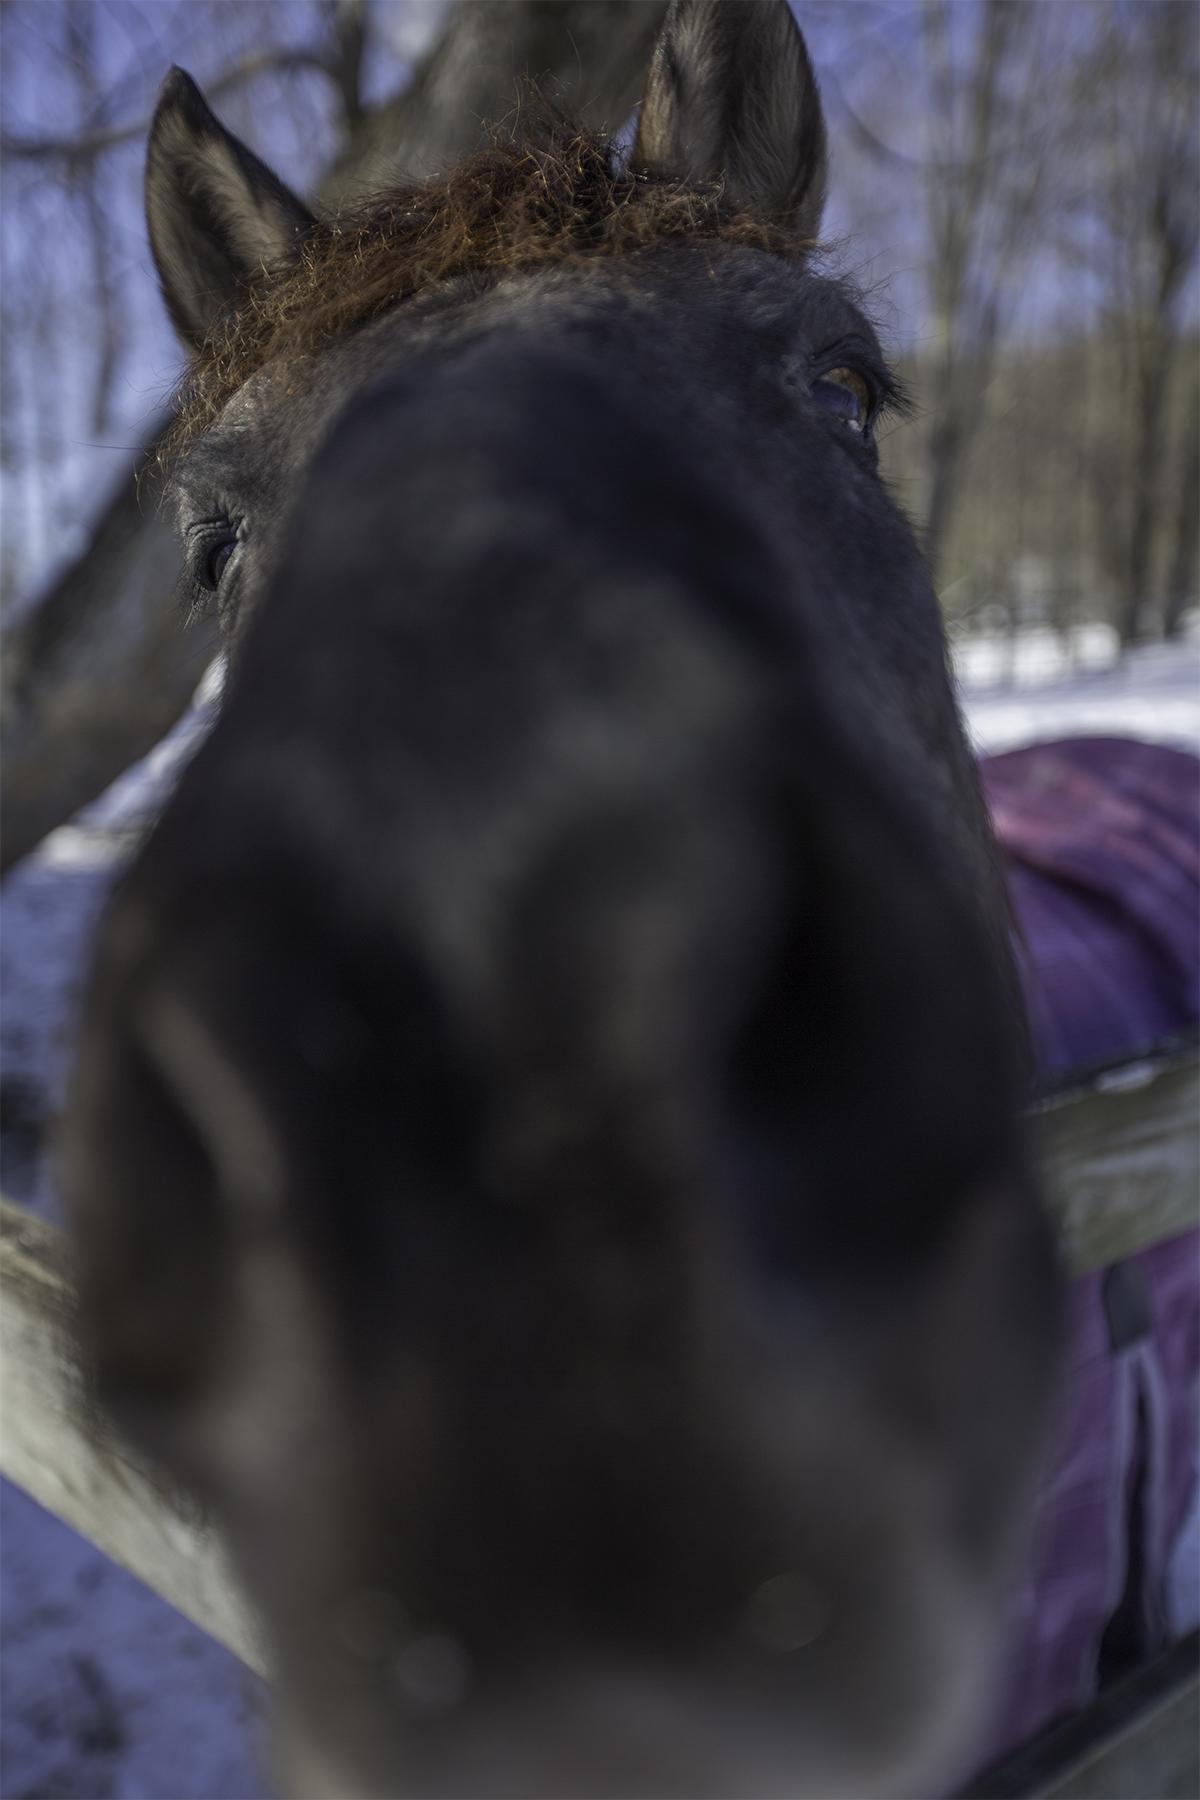 horse at shoot.jpg